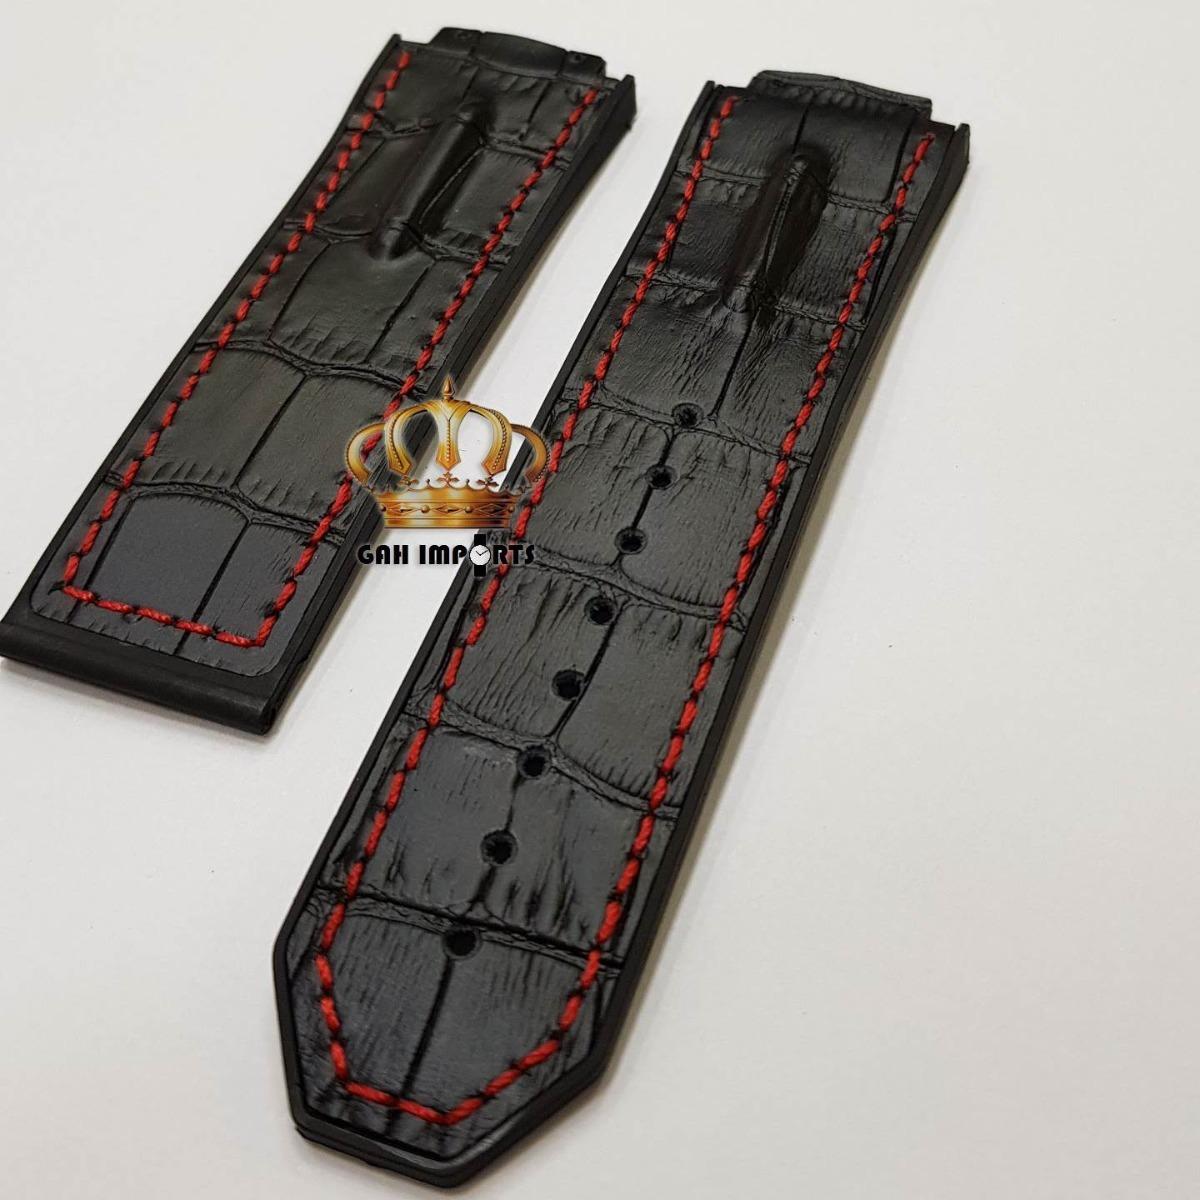 0840553fd63 Pulseira Hublot King Power Preto Couro Costura Vermelha - R  89